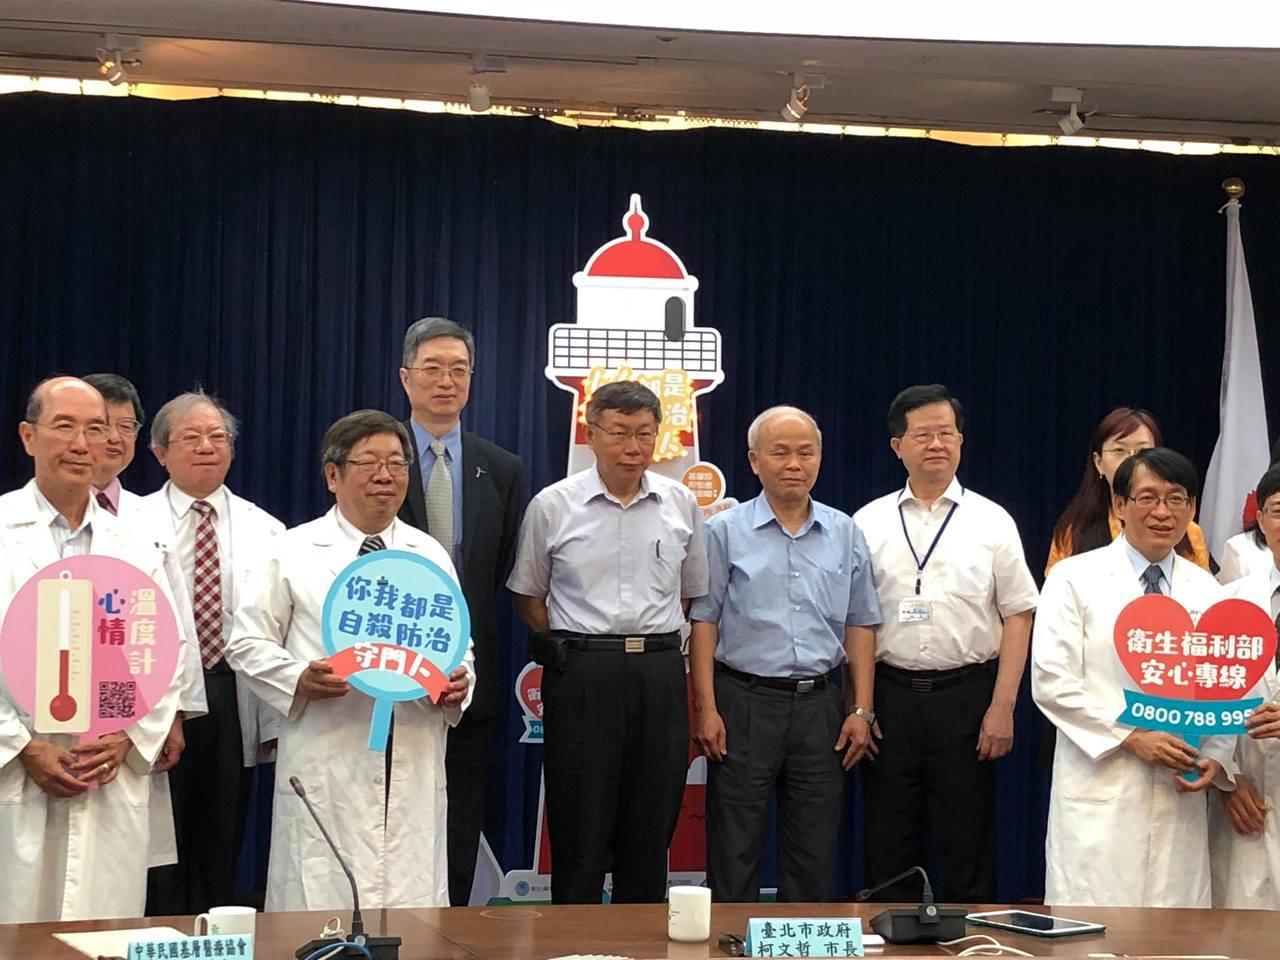 台北市長柯文哲今早出席自殺防治記者會。記者陳靖宜/攝影